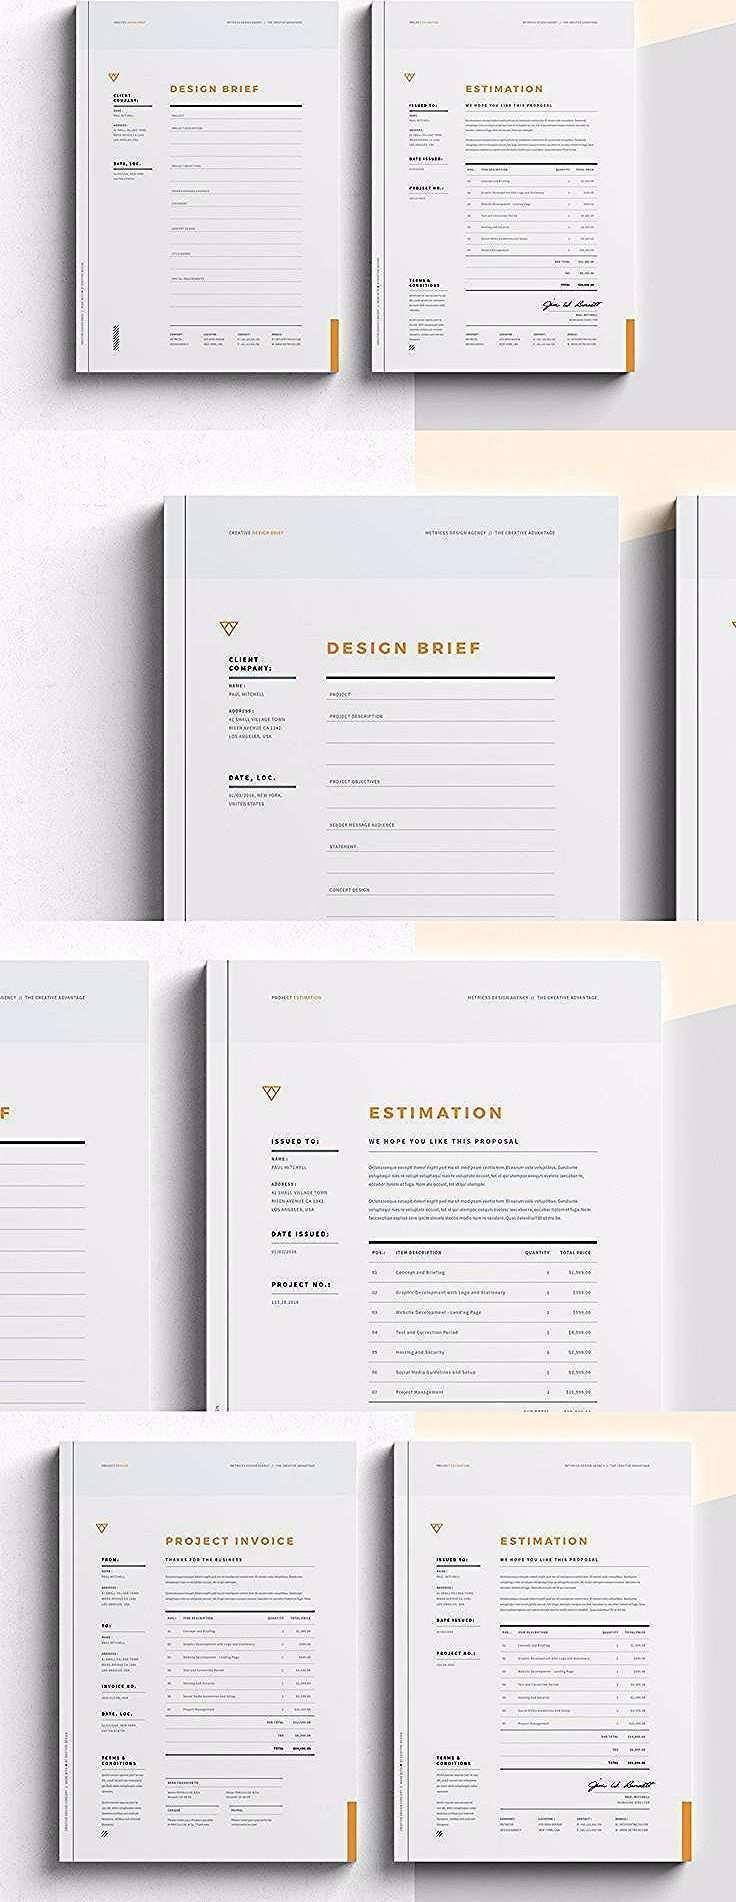 Brief Estimation Invoice Templates Indesign Indd Invoice Design Workbook Design Invoice Template